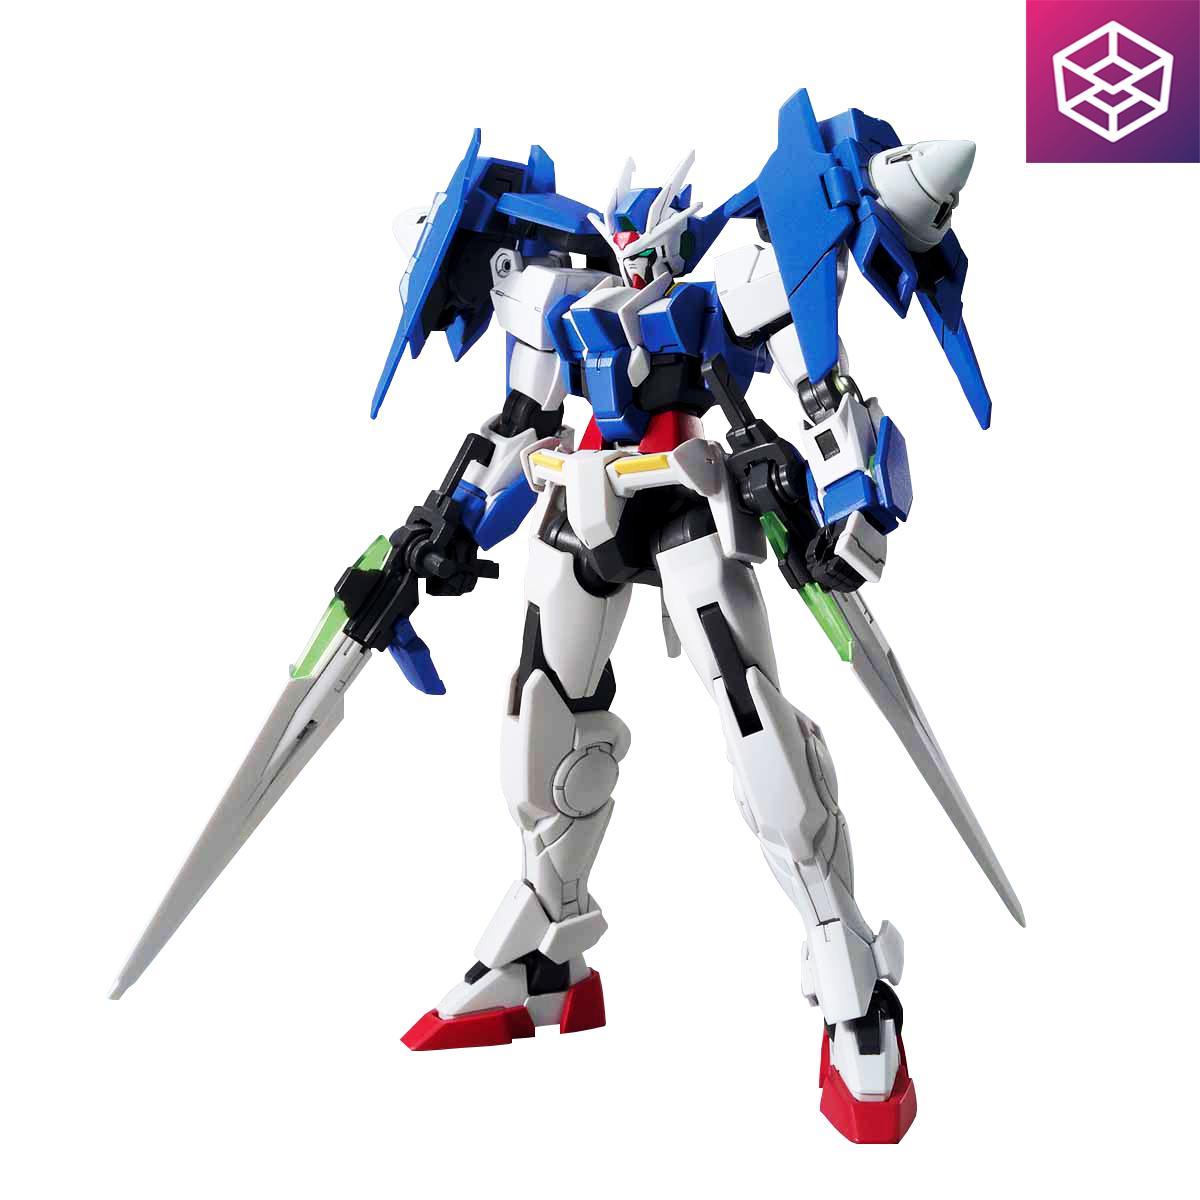 Hình ảnh Mô Hình Lắp Ráp Gundam Bandai HG BD 000 Gundam 00 Diver [Bandai-HG]